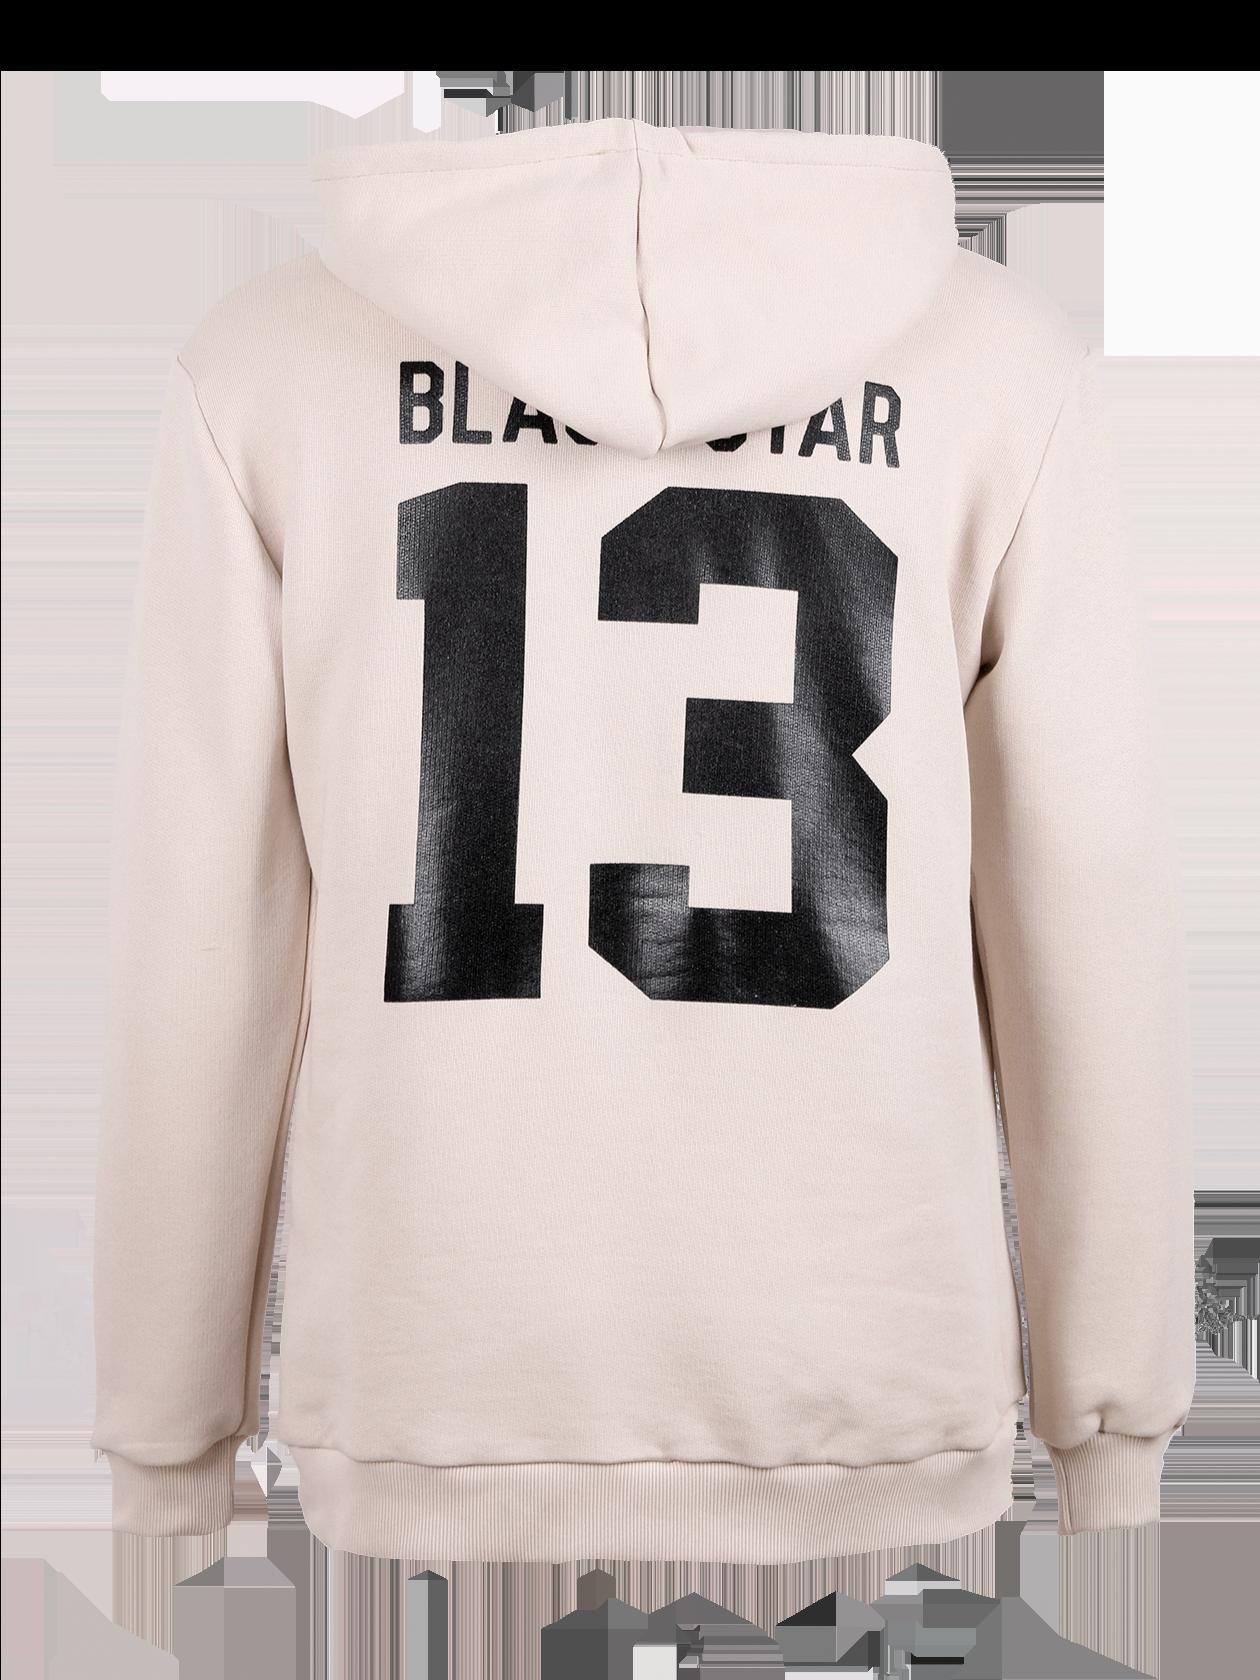 Костюм спортивный мужской BlackStar 13Костюм спортивный мужской Blackstar 13 в приятном цвете слоновой кости – стильная и практичная вещь в гардеробе активного мужчины. Толстовка с капюшоном на завязках удлиненного свободного кроя. Манжеты и нижний край отделаны эластичной трикотажной резинкой, на спине крупный принт Black Star 13. Штаны с широким поясом на завязках, снизу оформлены эластичным трикотажем. У левого кармана принт Black Star 13. Изделие из мягкого бленда хлопка и эластана отличается высоким качеством и носкостью.<br><br>Размер: XS<br>Цвет: Бежевый<br>Пол: Мужской